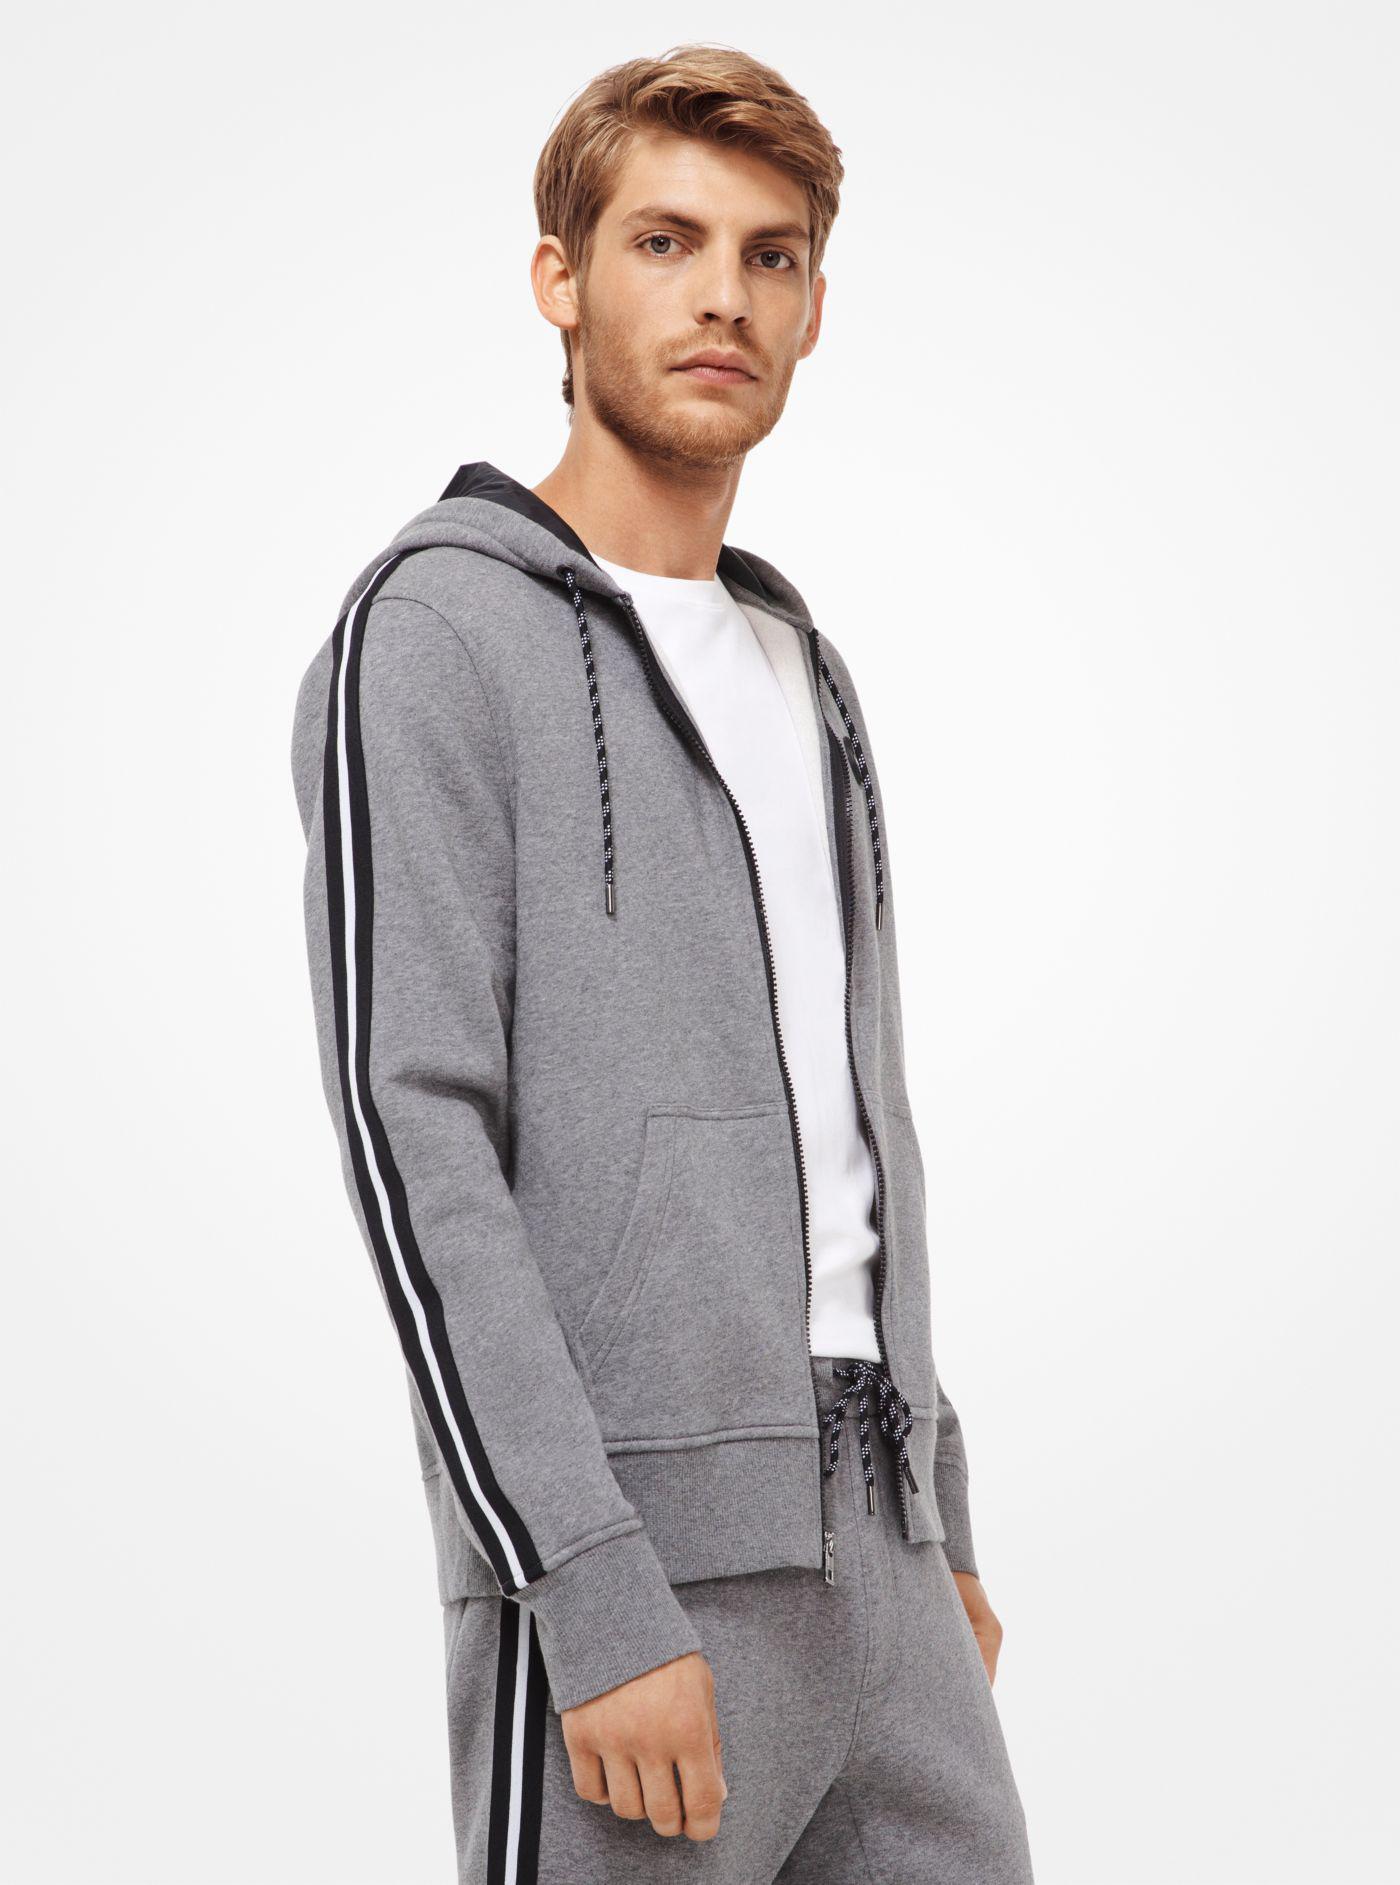 6de18c480fee3 Michael Kors Fleece Zip-up Hoodie in Gray for Men - Lyst